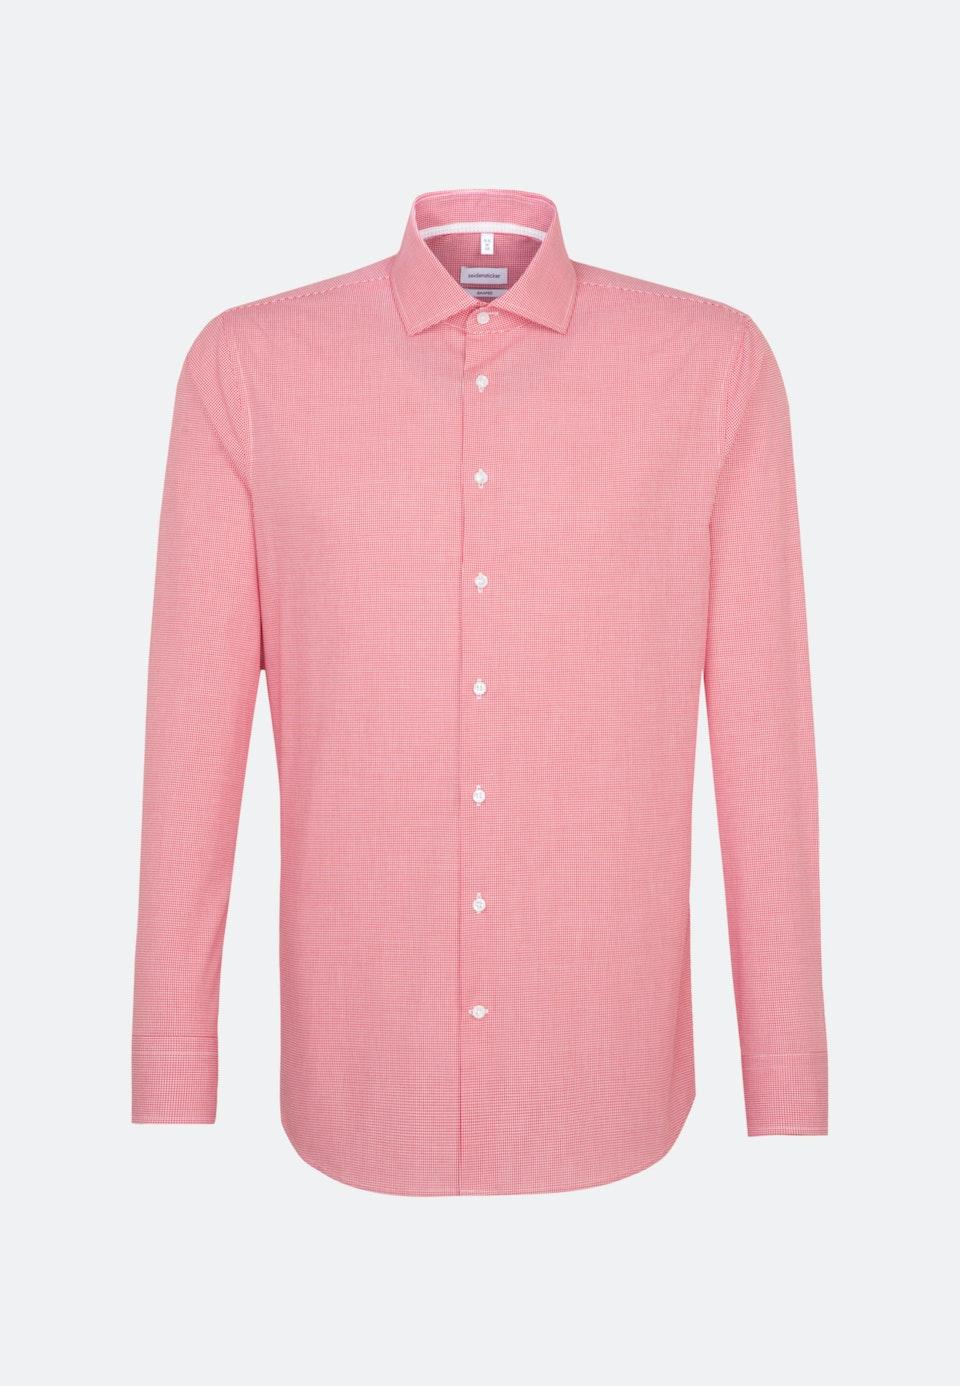 Bügelfreies Popeline Business Hemd in Shaped mit Kentkragen und extra langem Arm in Rot |  Seidensticker Onlineshop